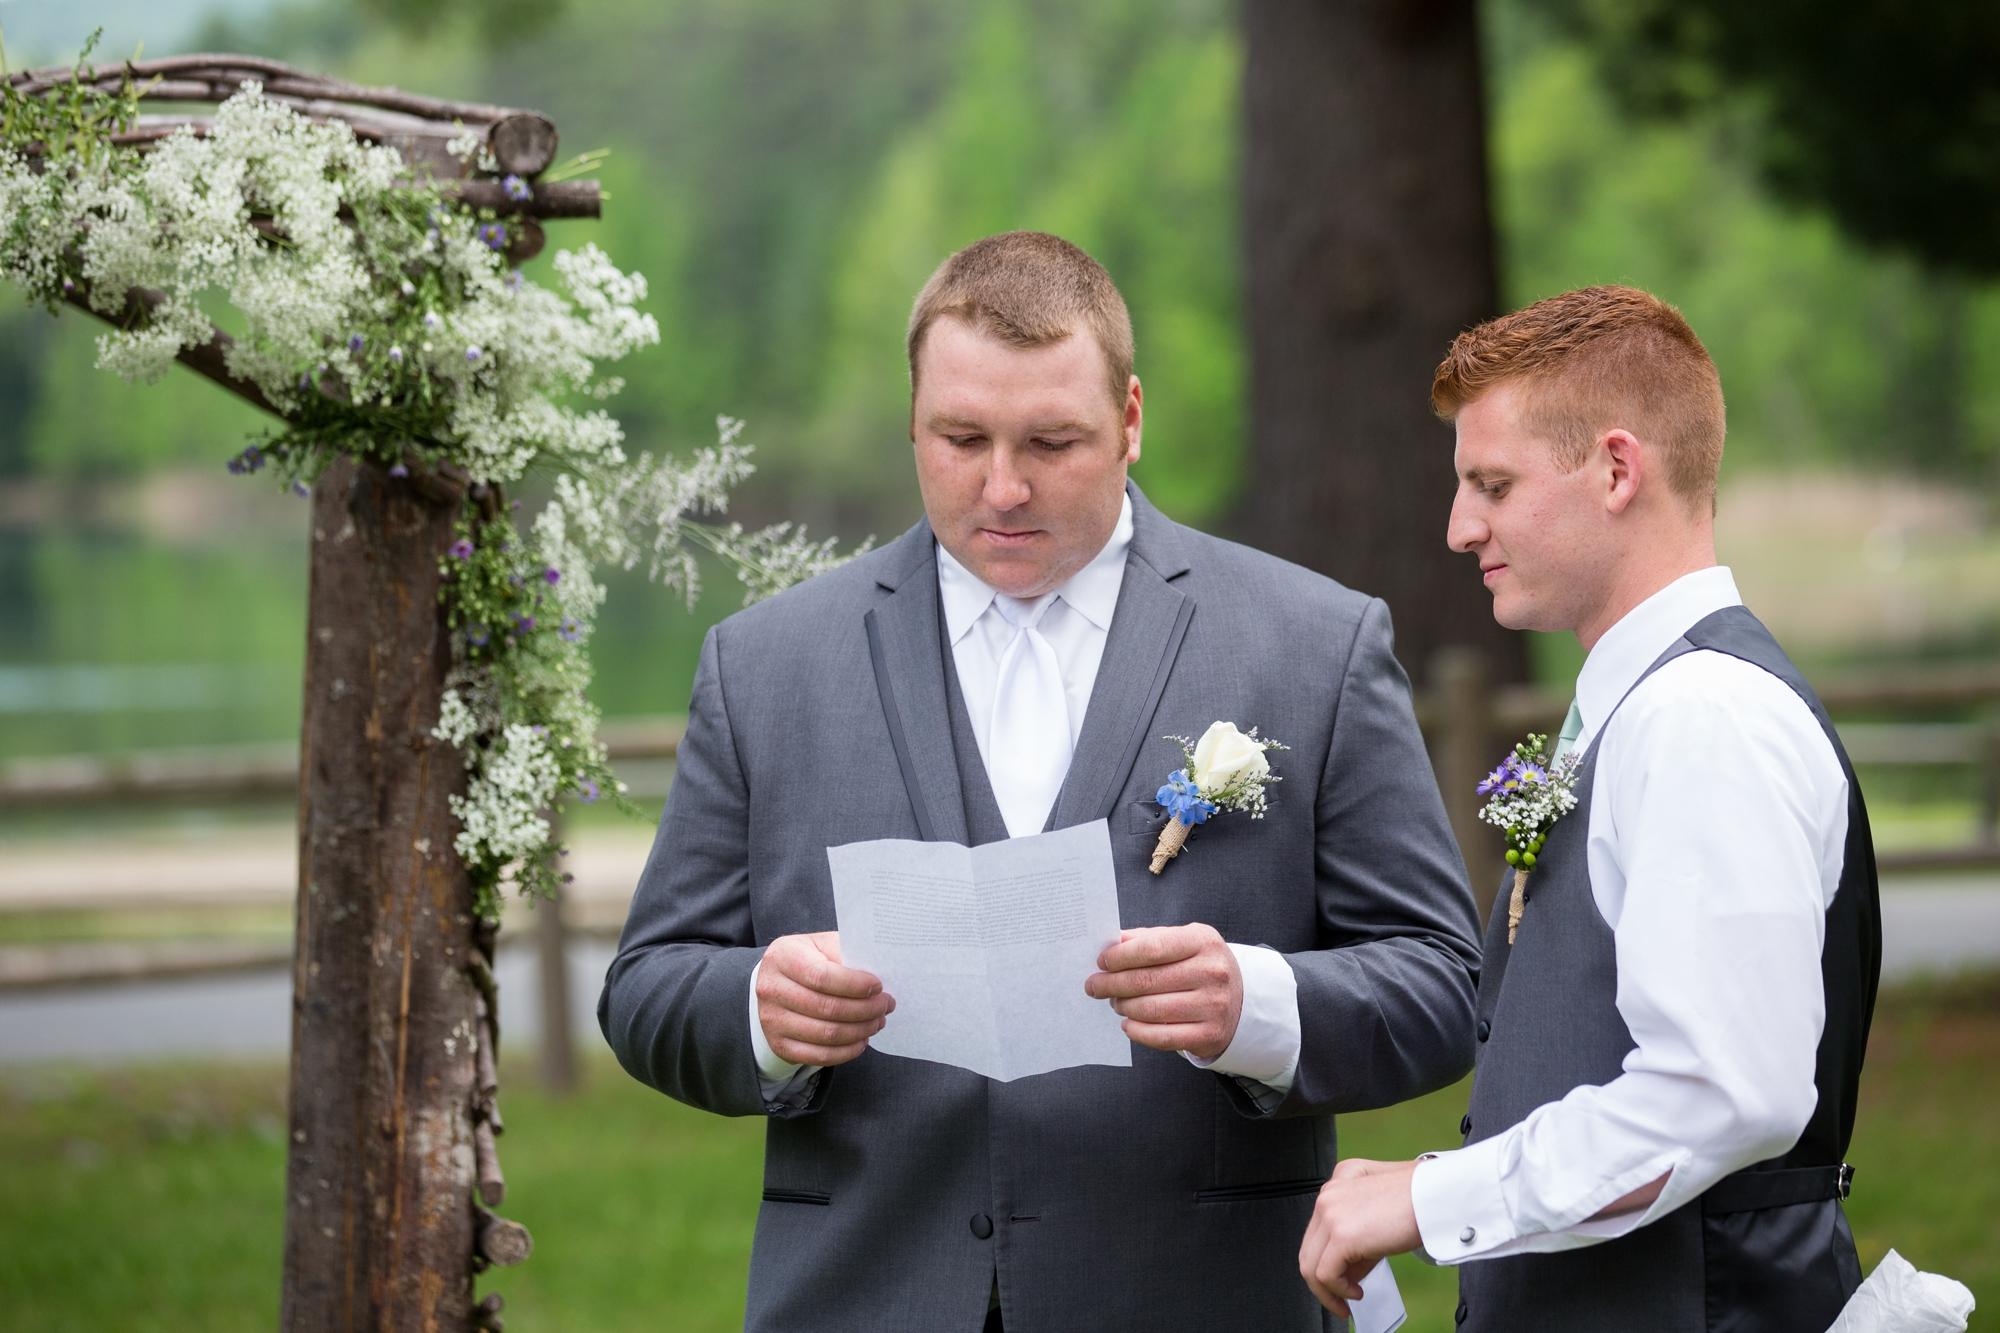 Albany NY Wedding Photographer Justin Tibbitts Photography 2014 Best of Albany NY Weddings-47325152636